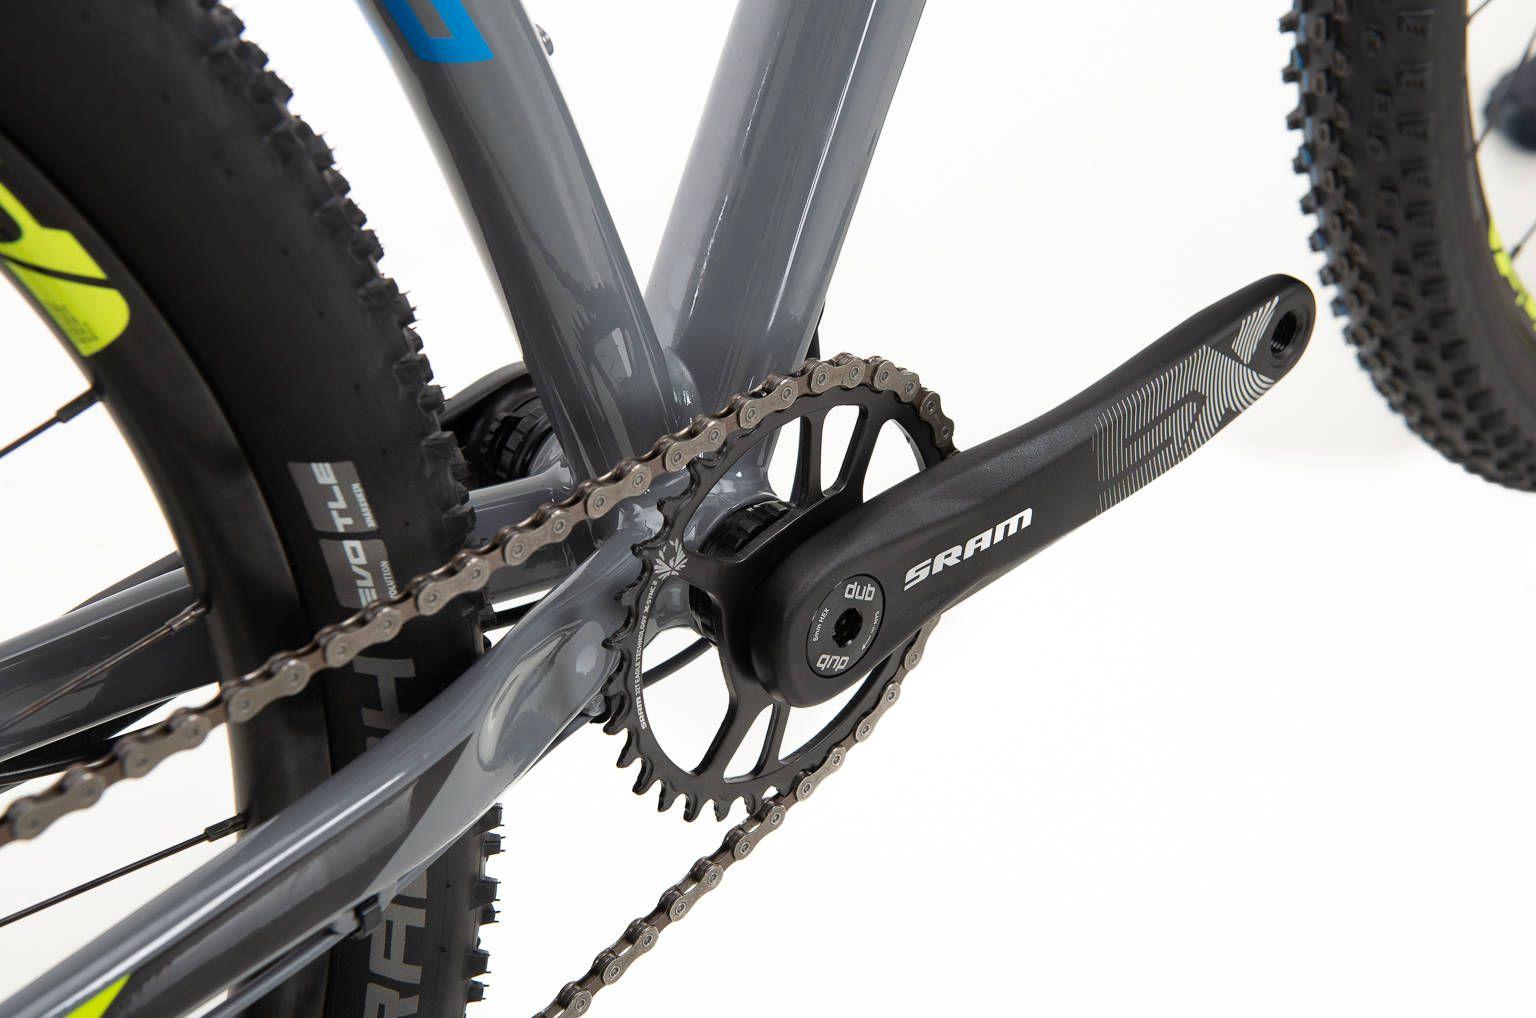 Bicicleta Sense Impact SL 2020 12V Sram Boost